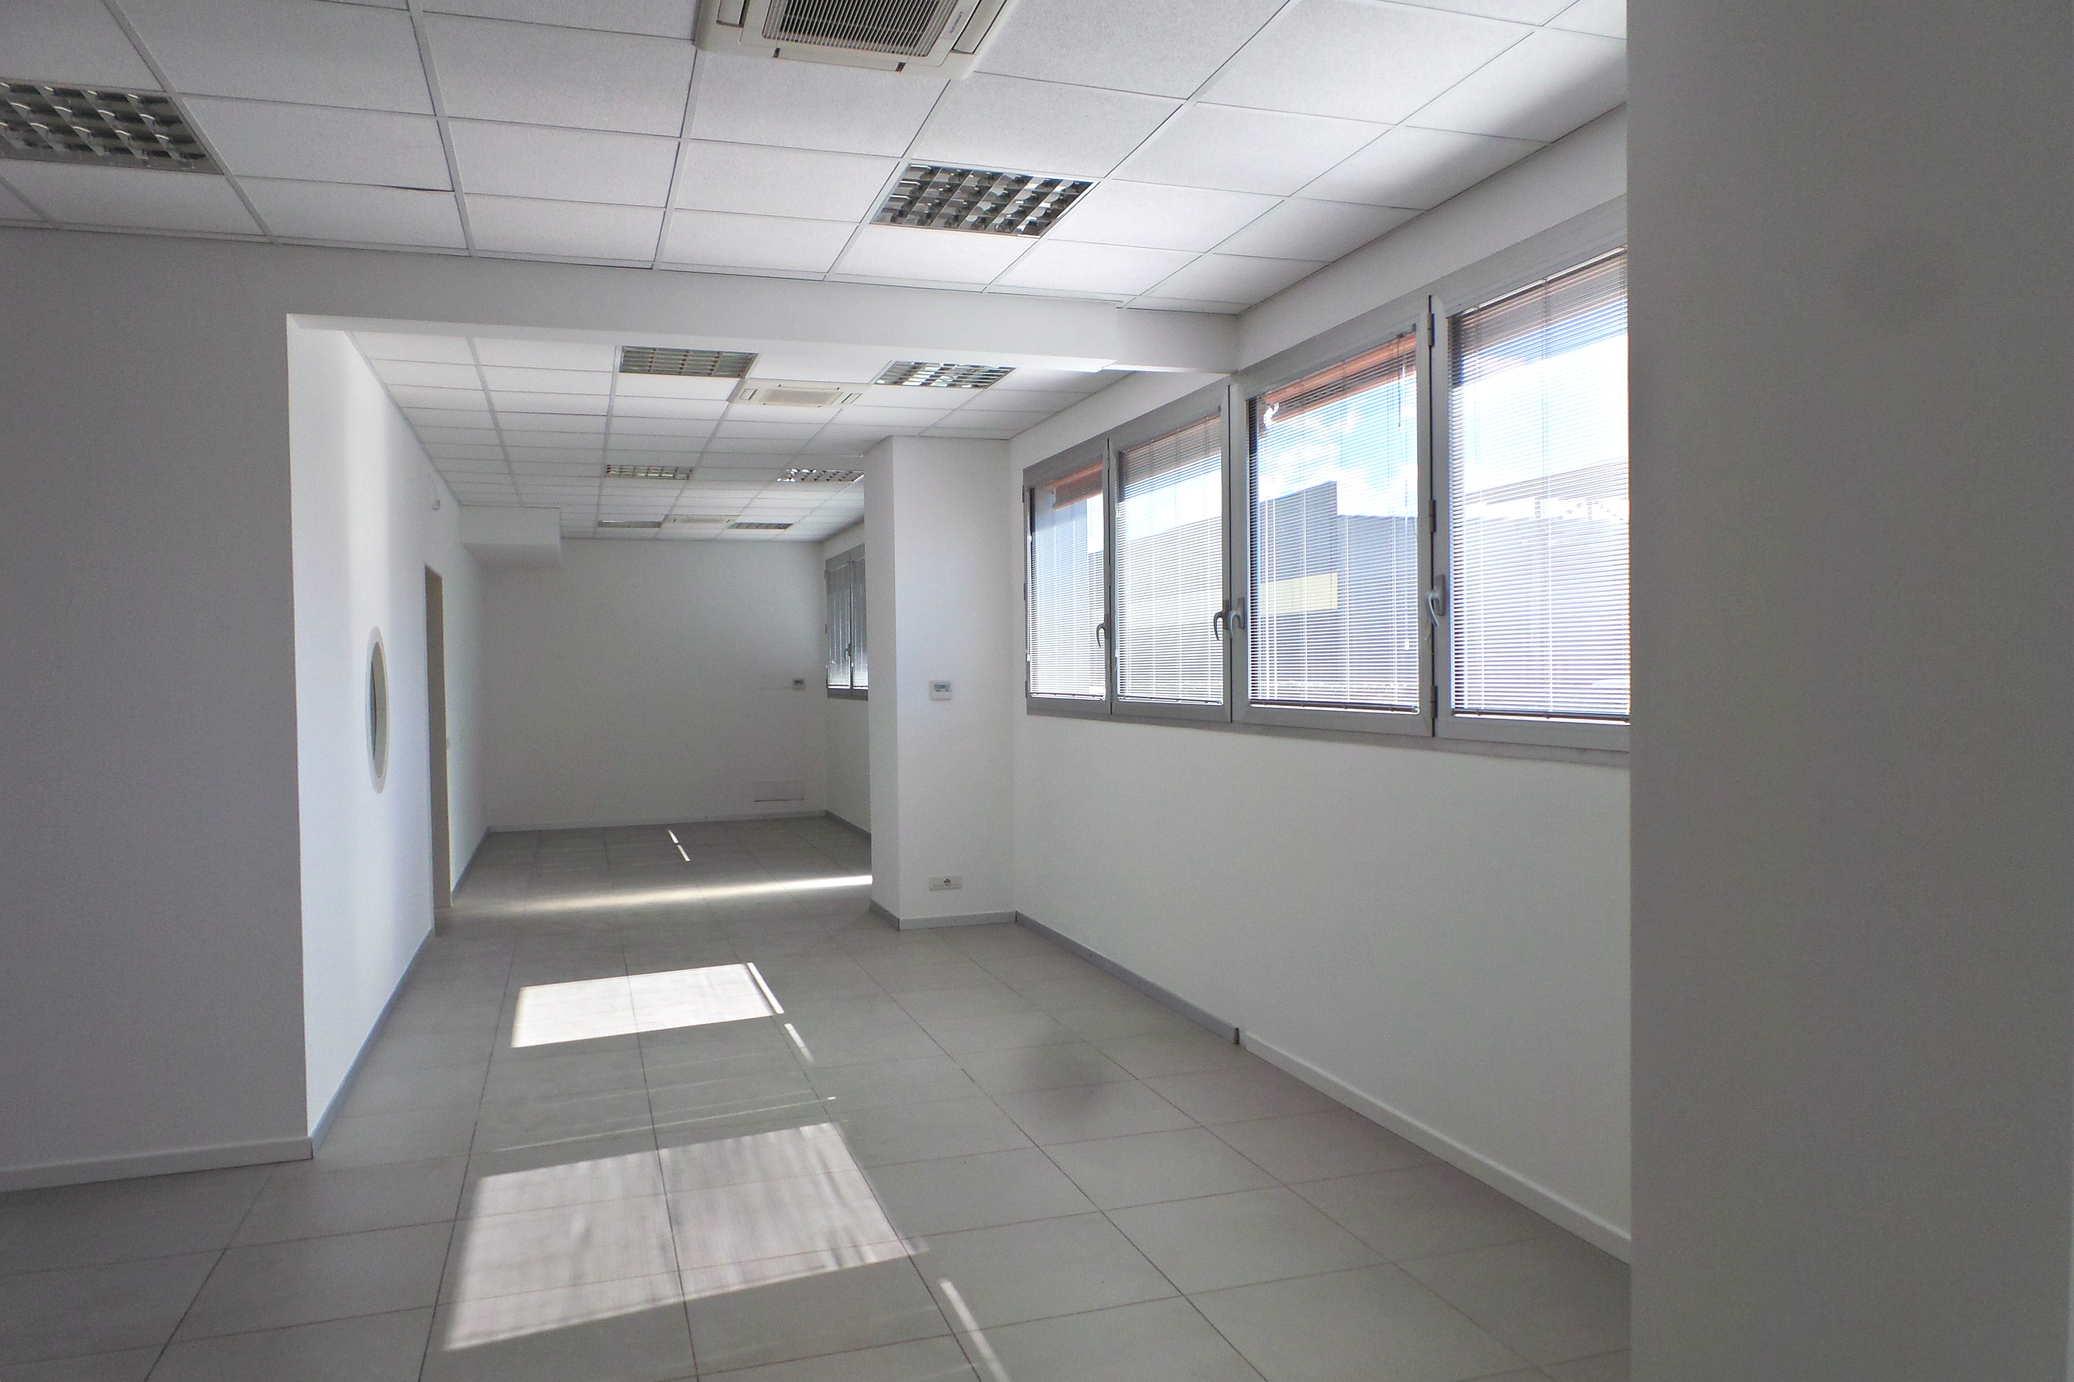 Ufficio pari al nuovo di 311mq e 8 posti auto